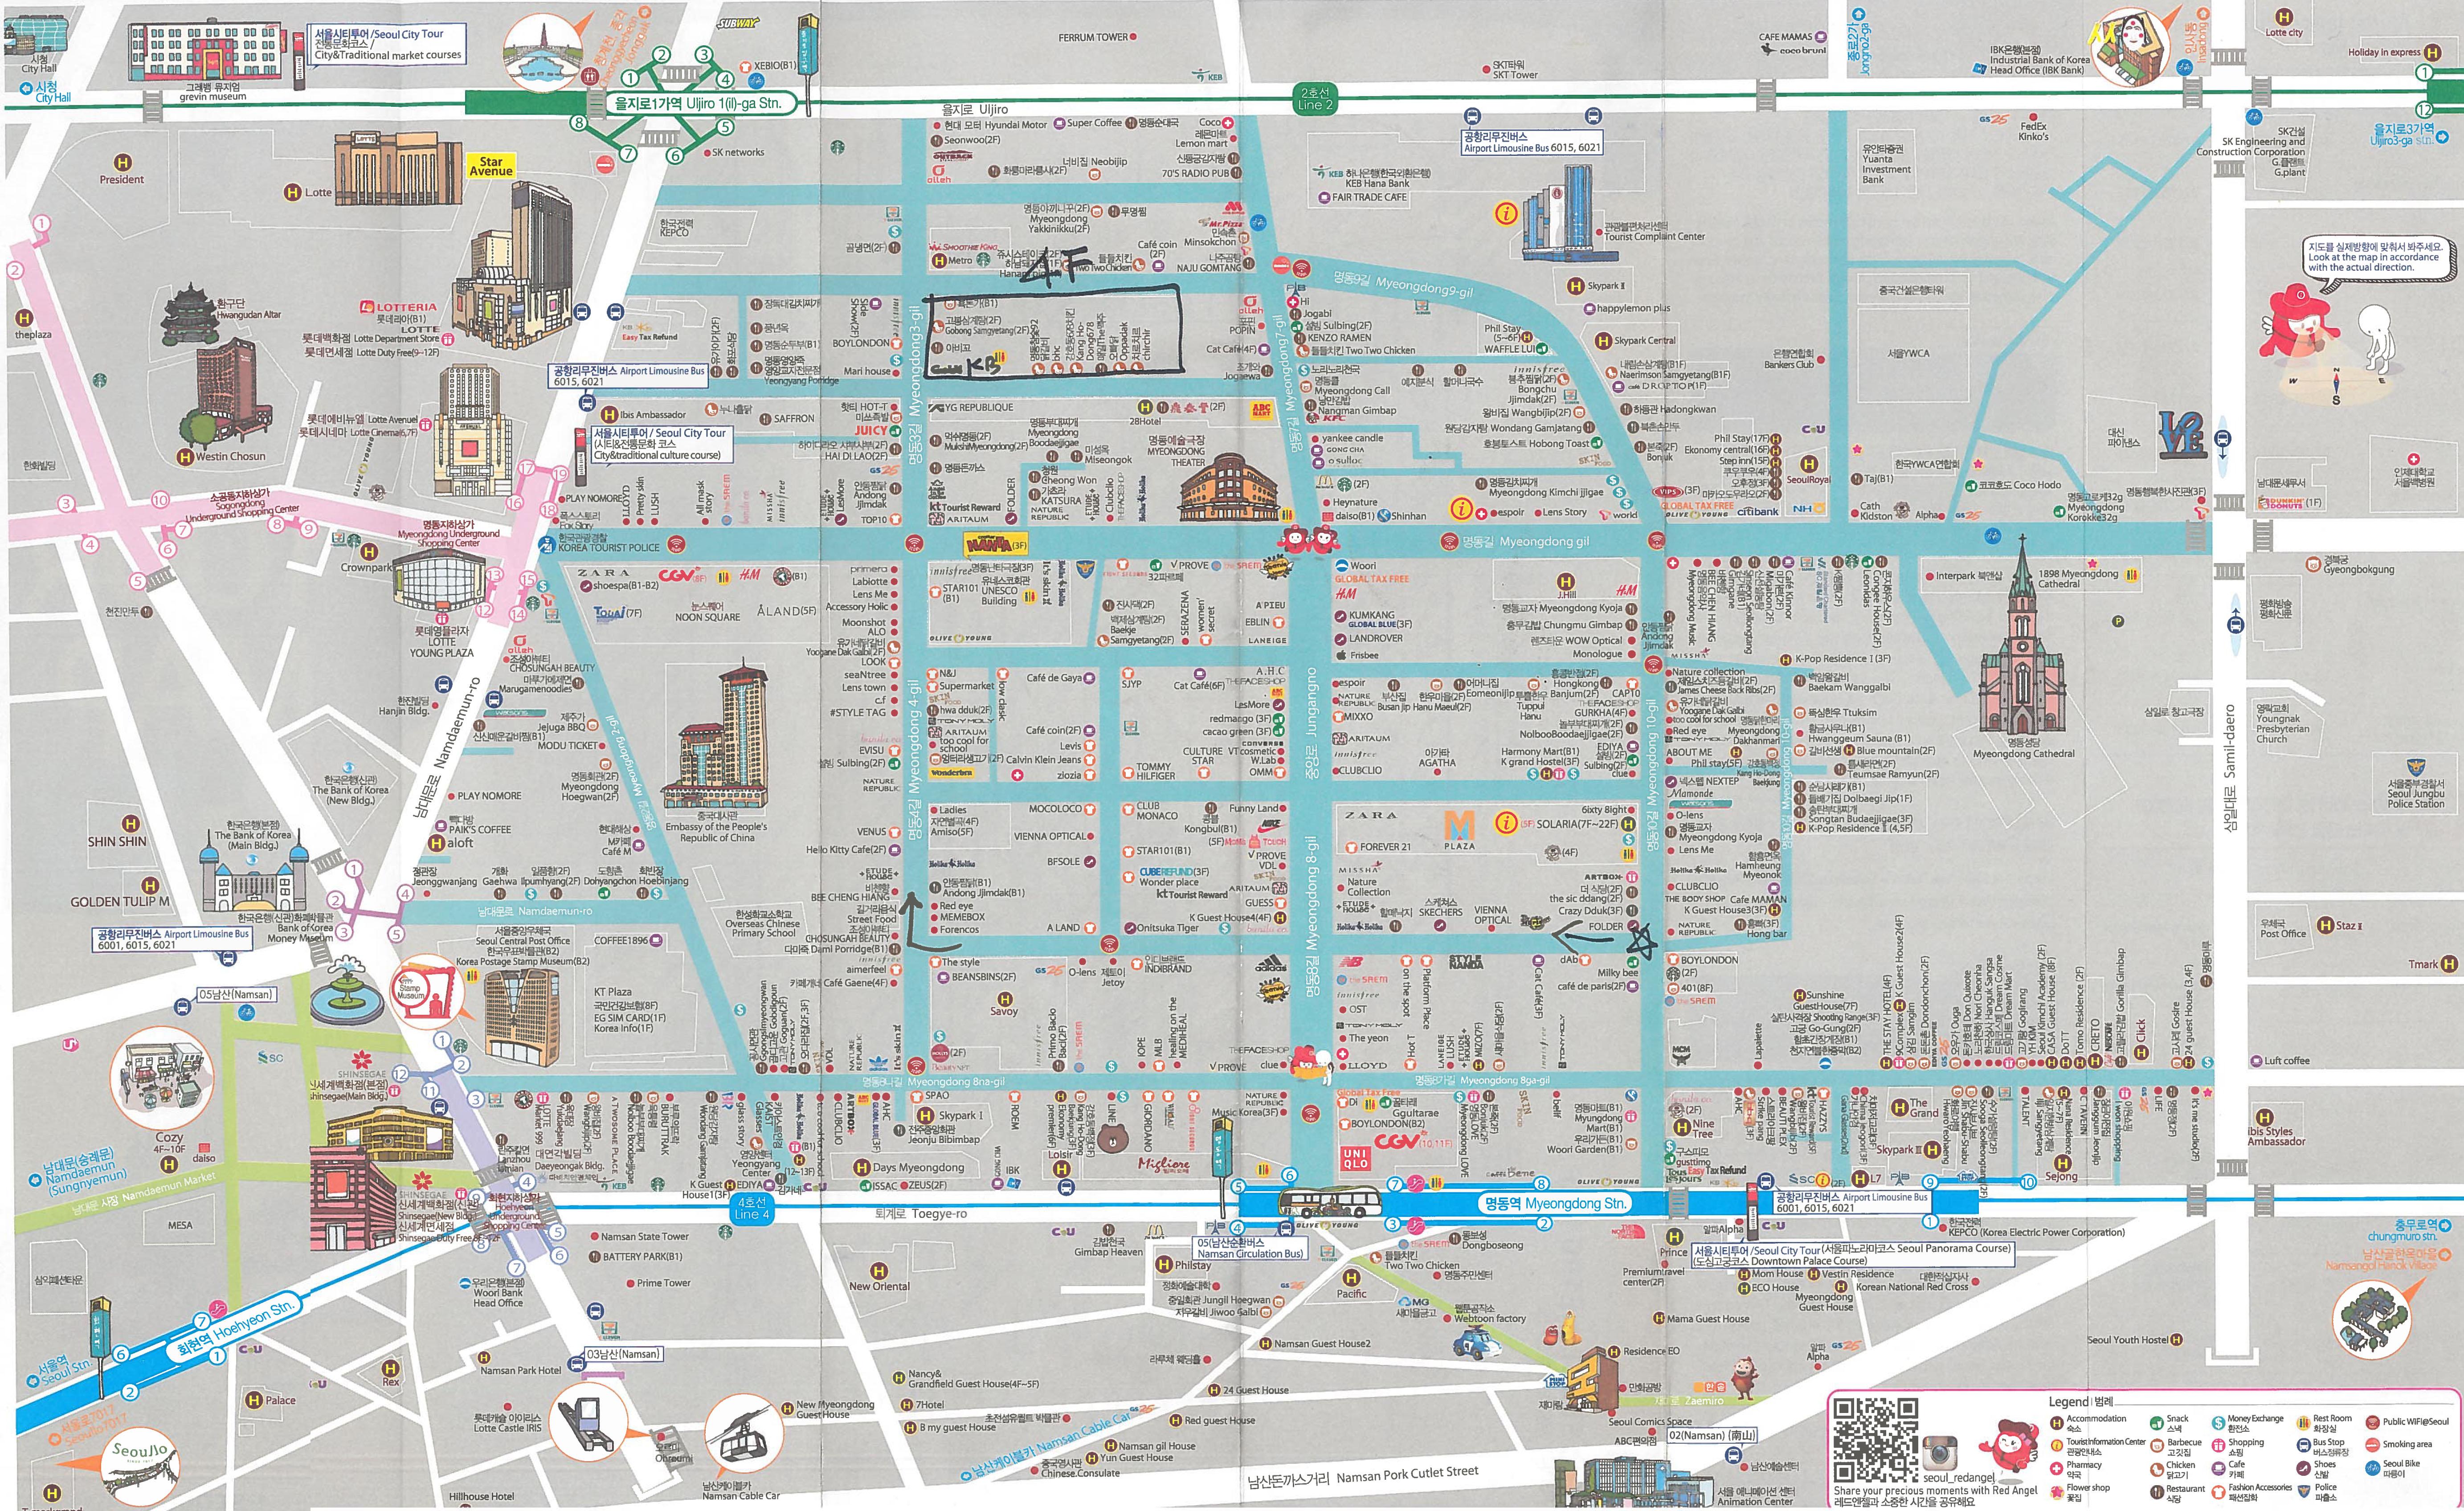 Korea Południowa, Seul, Myeongdong mapa ze sklepami, Seul jak spędzić czas wolny, map of Myeongdong